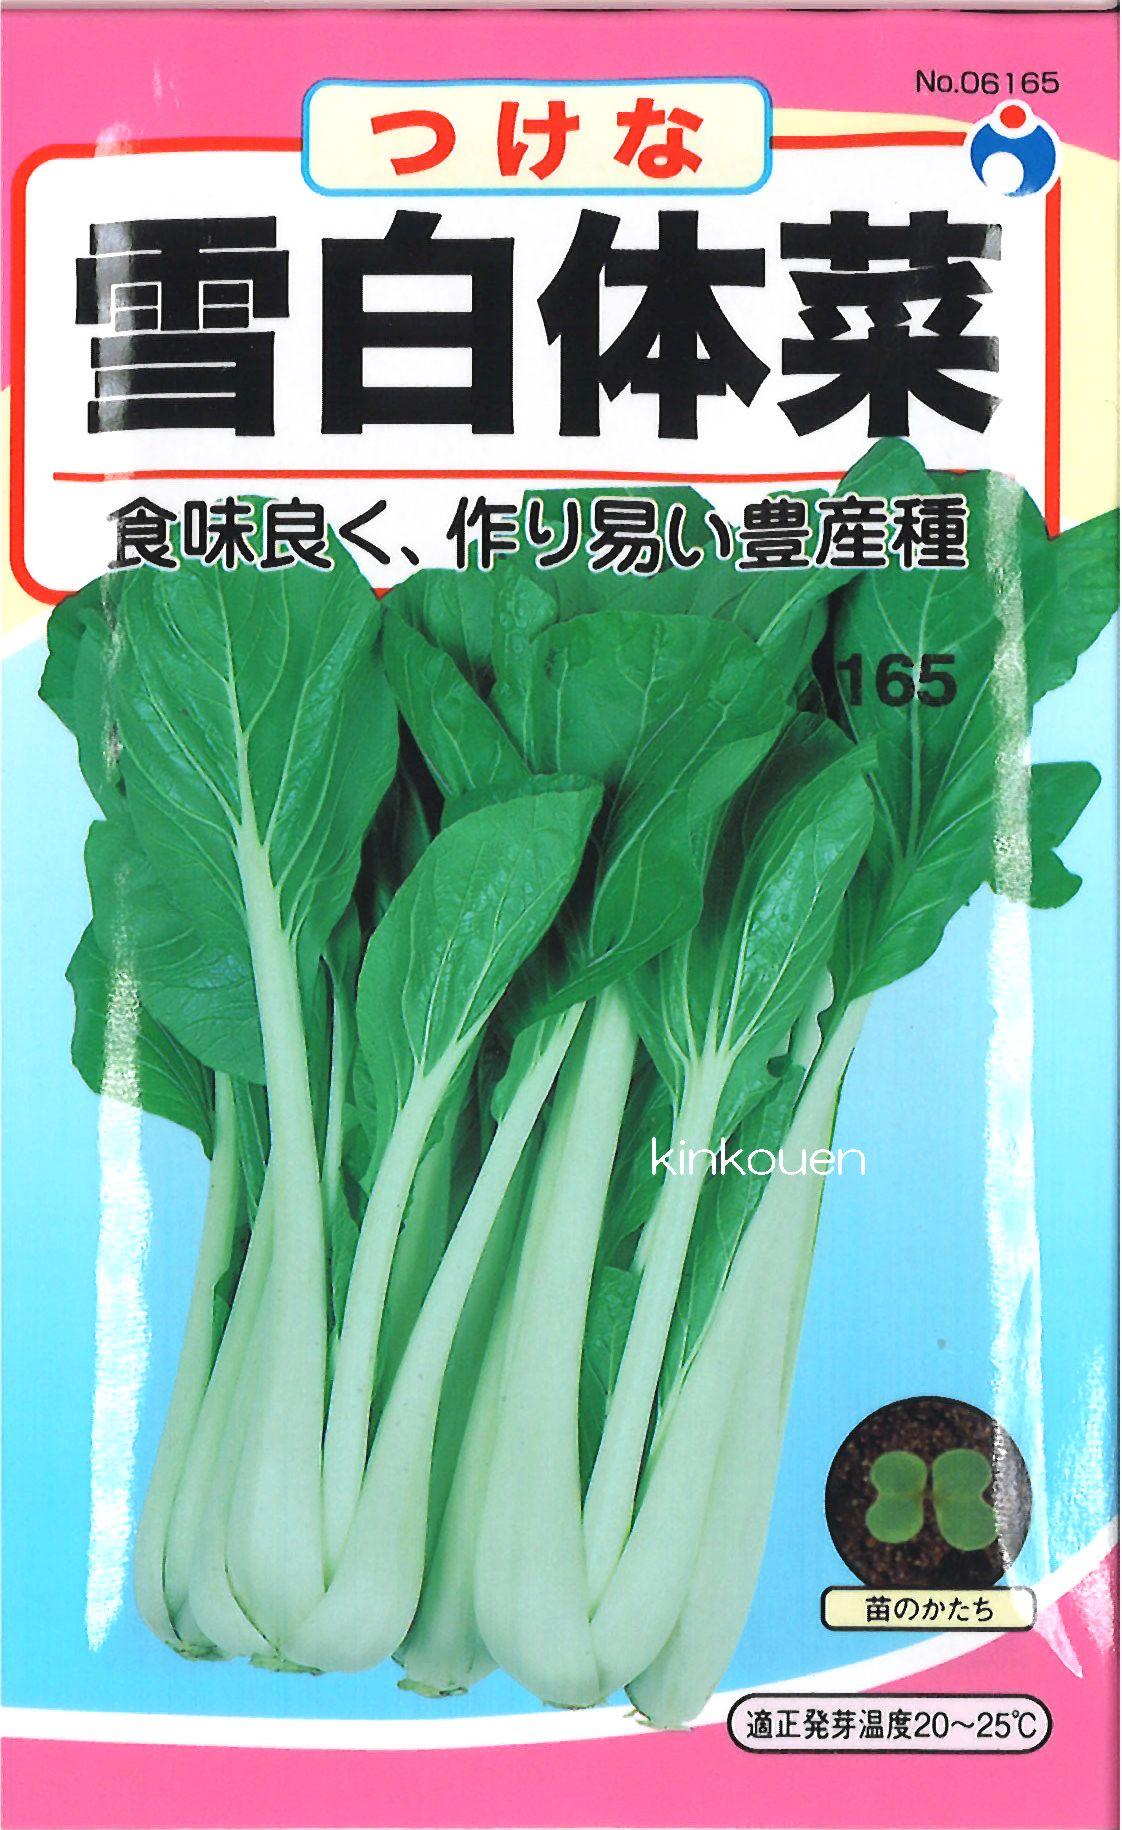 【代引不可】【5袋まで送料80円】 □ ツケナ 雪白体菜 しゃくし菜 ひら菜